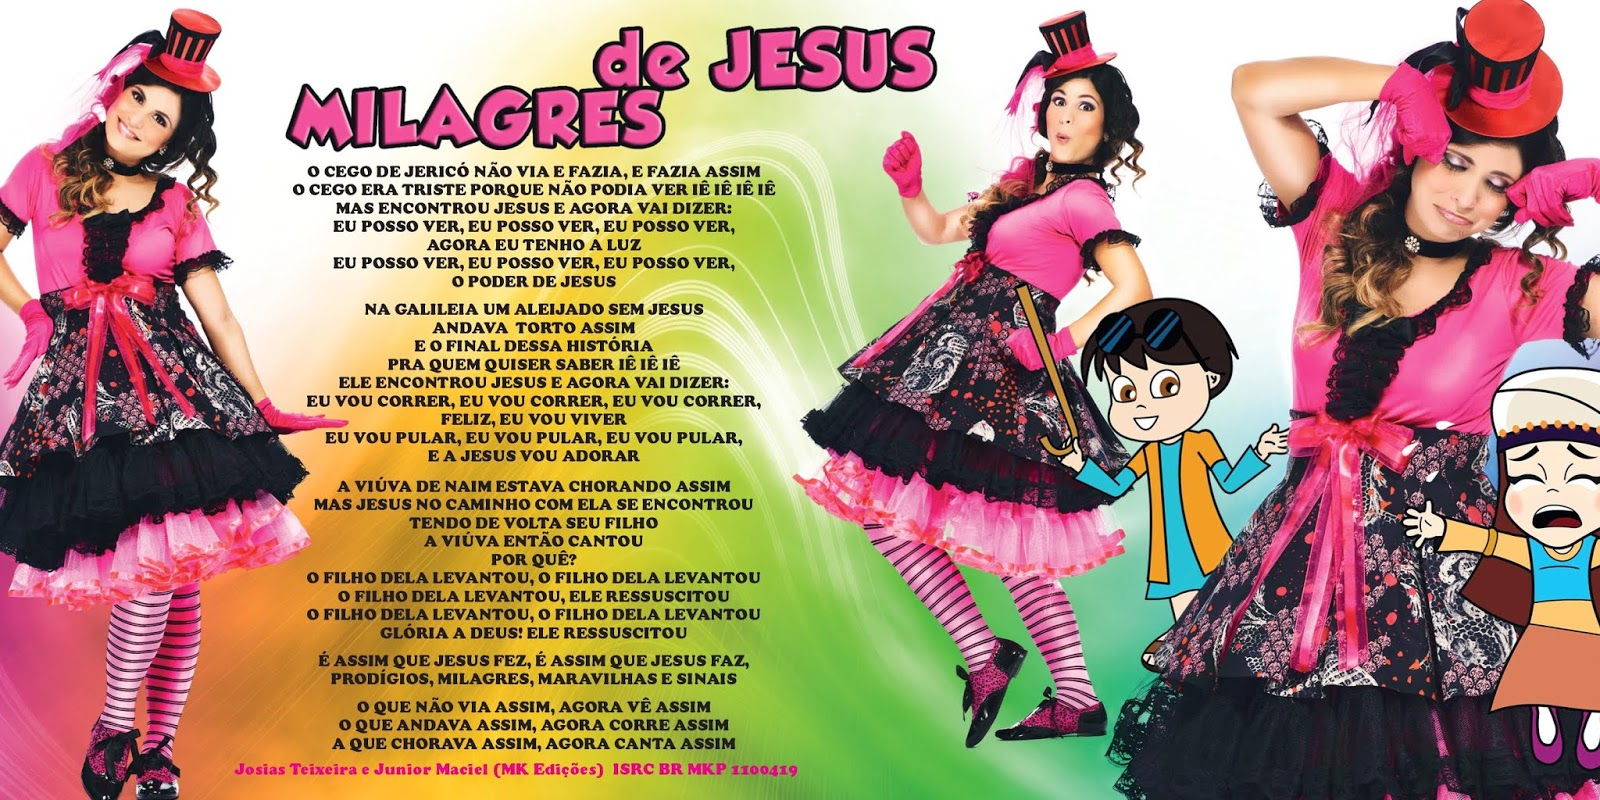 Aline Barros Aline Barros & Cia 2 encarte: aline barros - aline barros & cia 3 (edição digital)